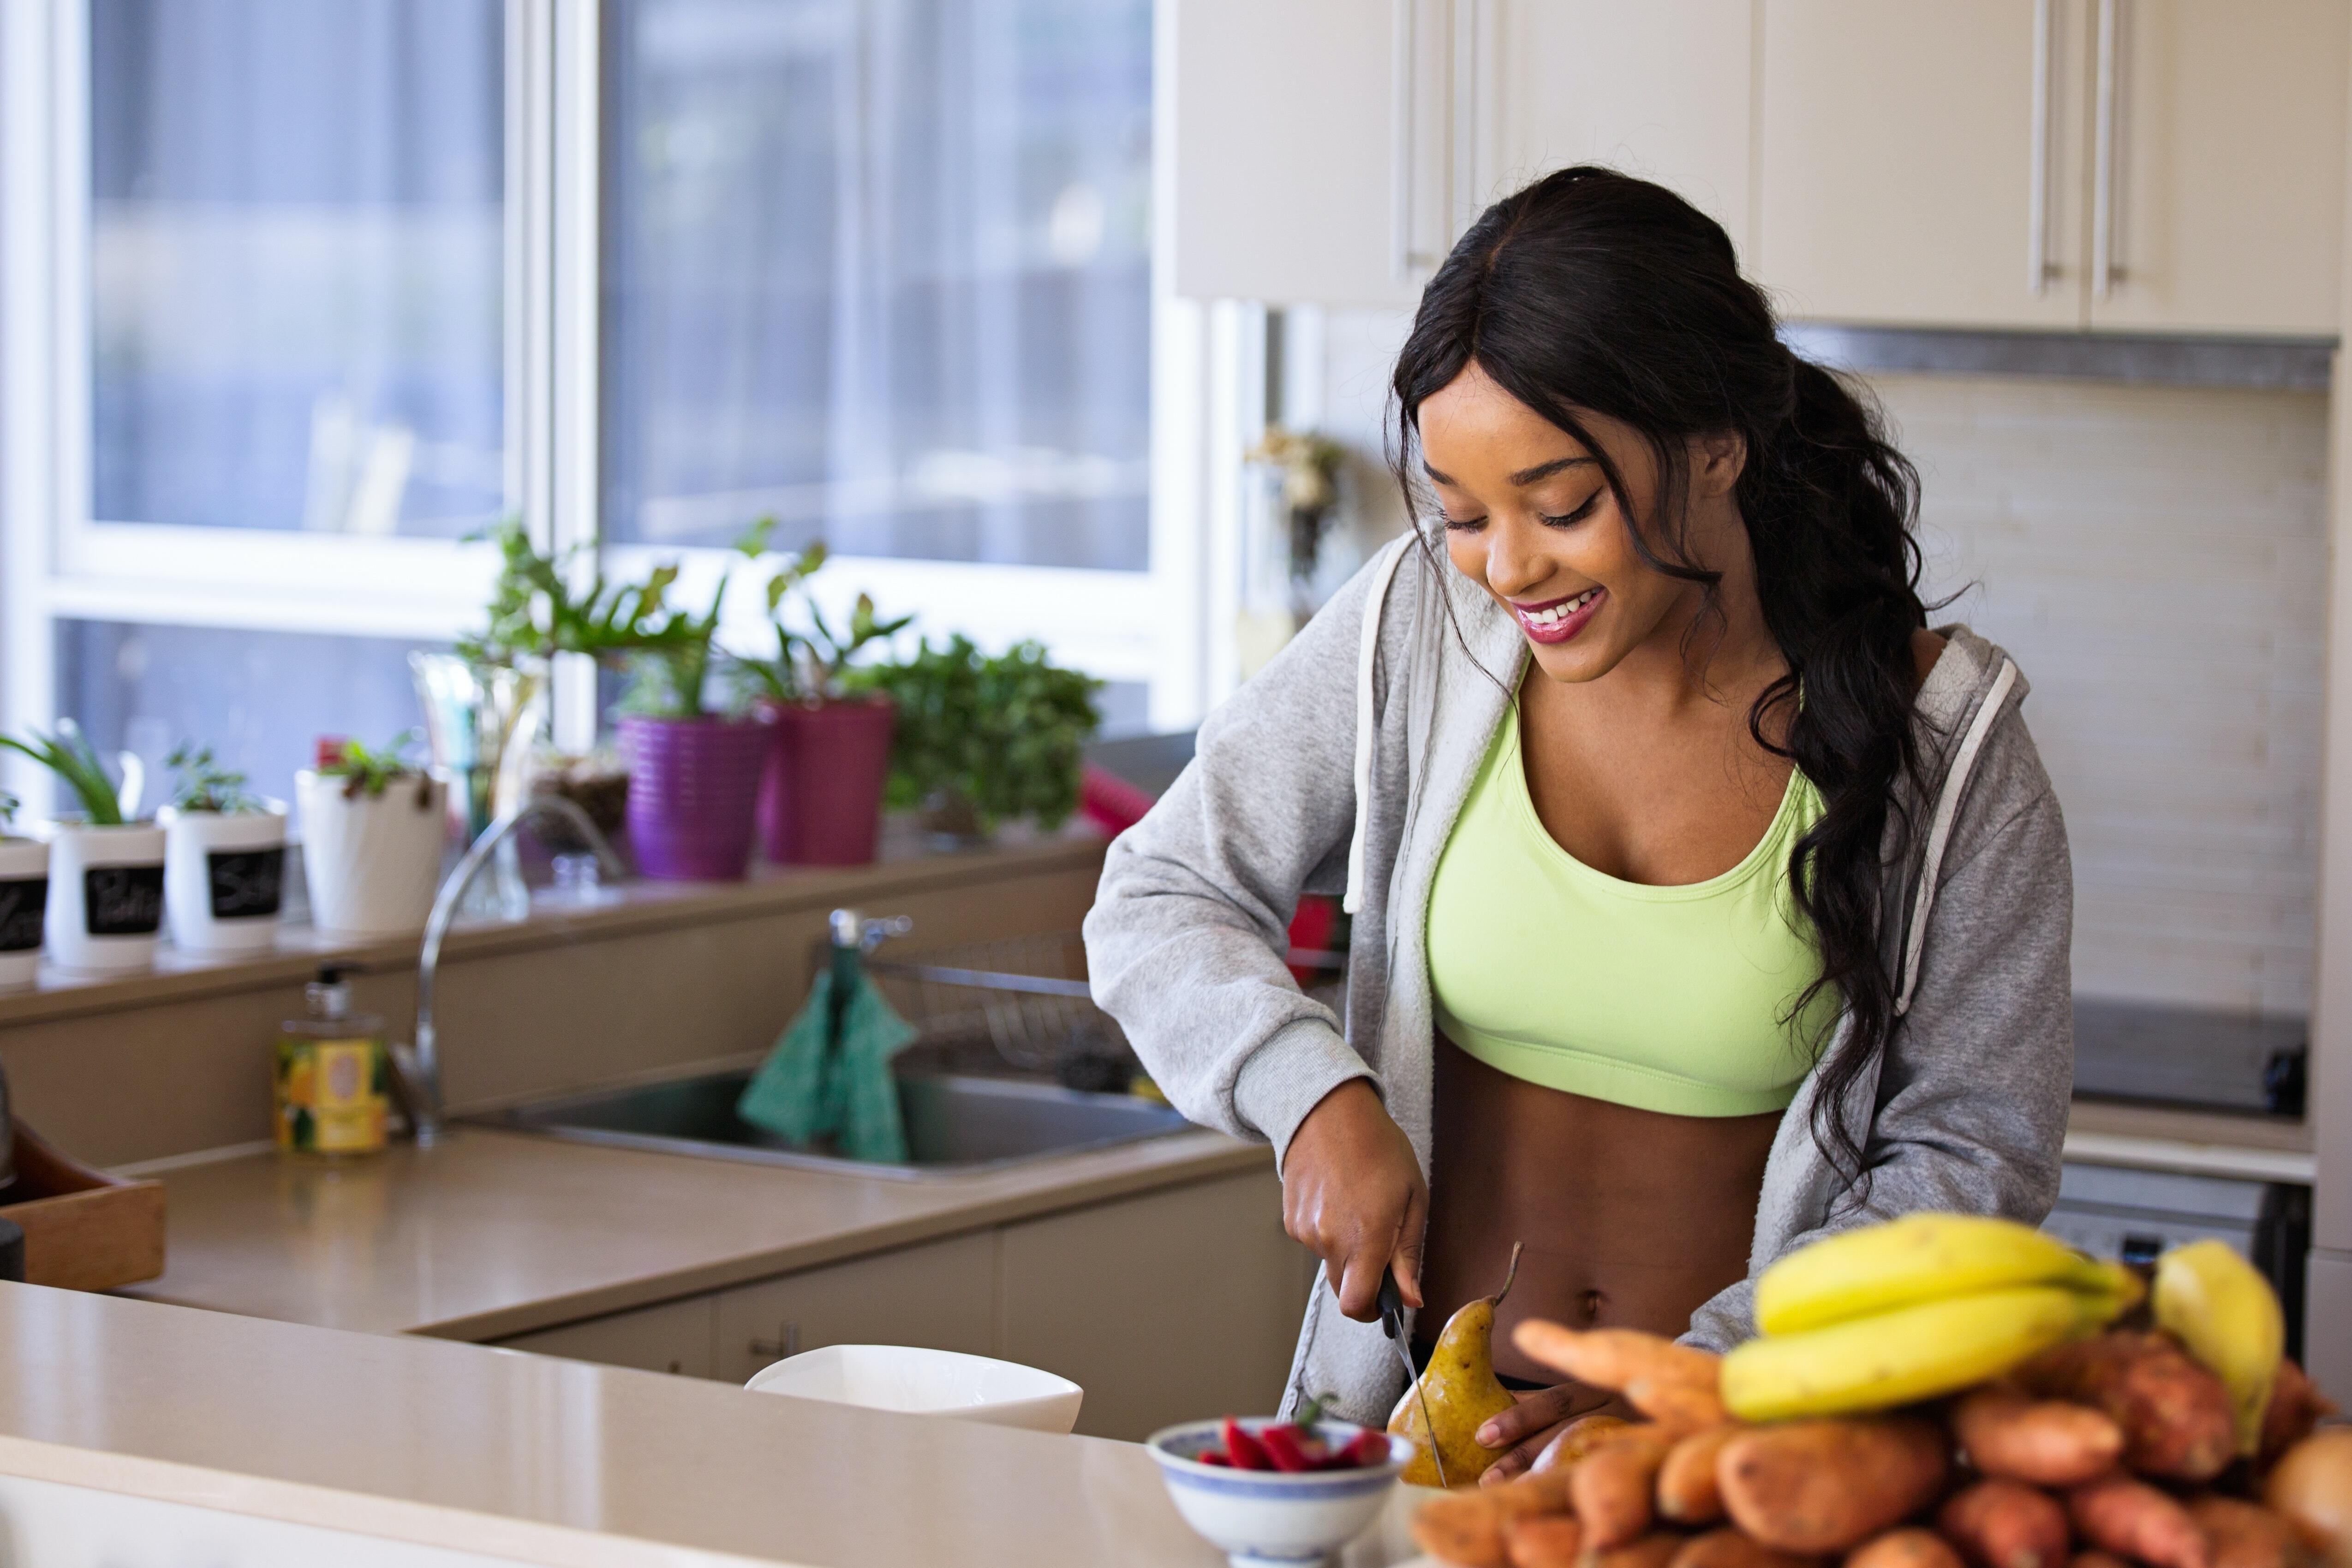 Sabah sporu öncesi beslenme